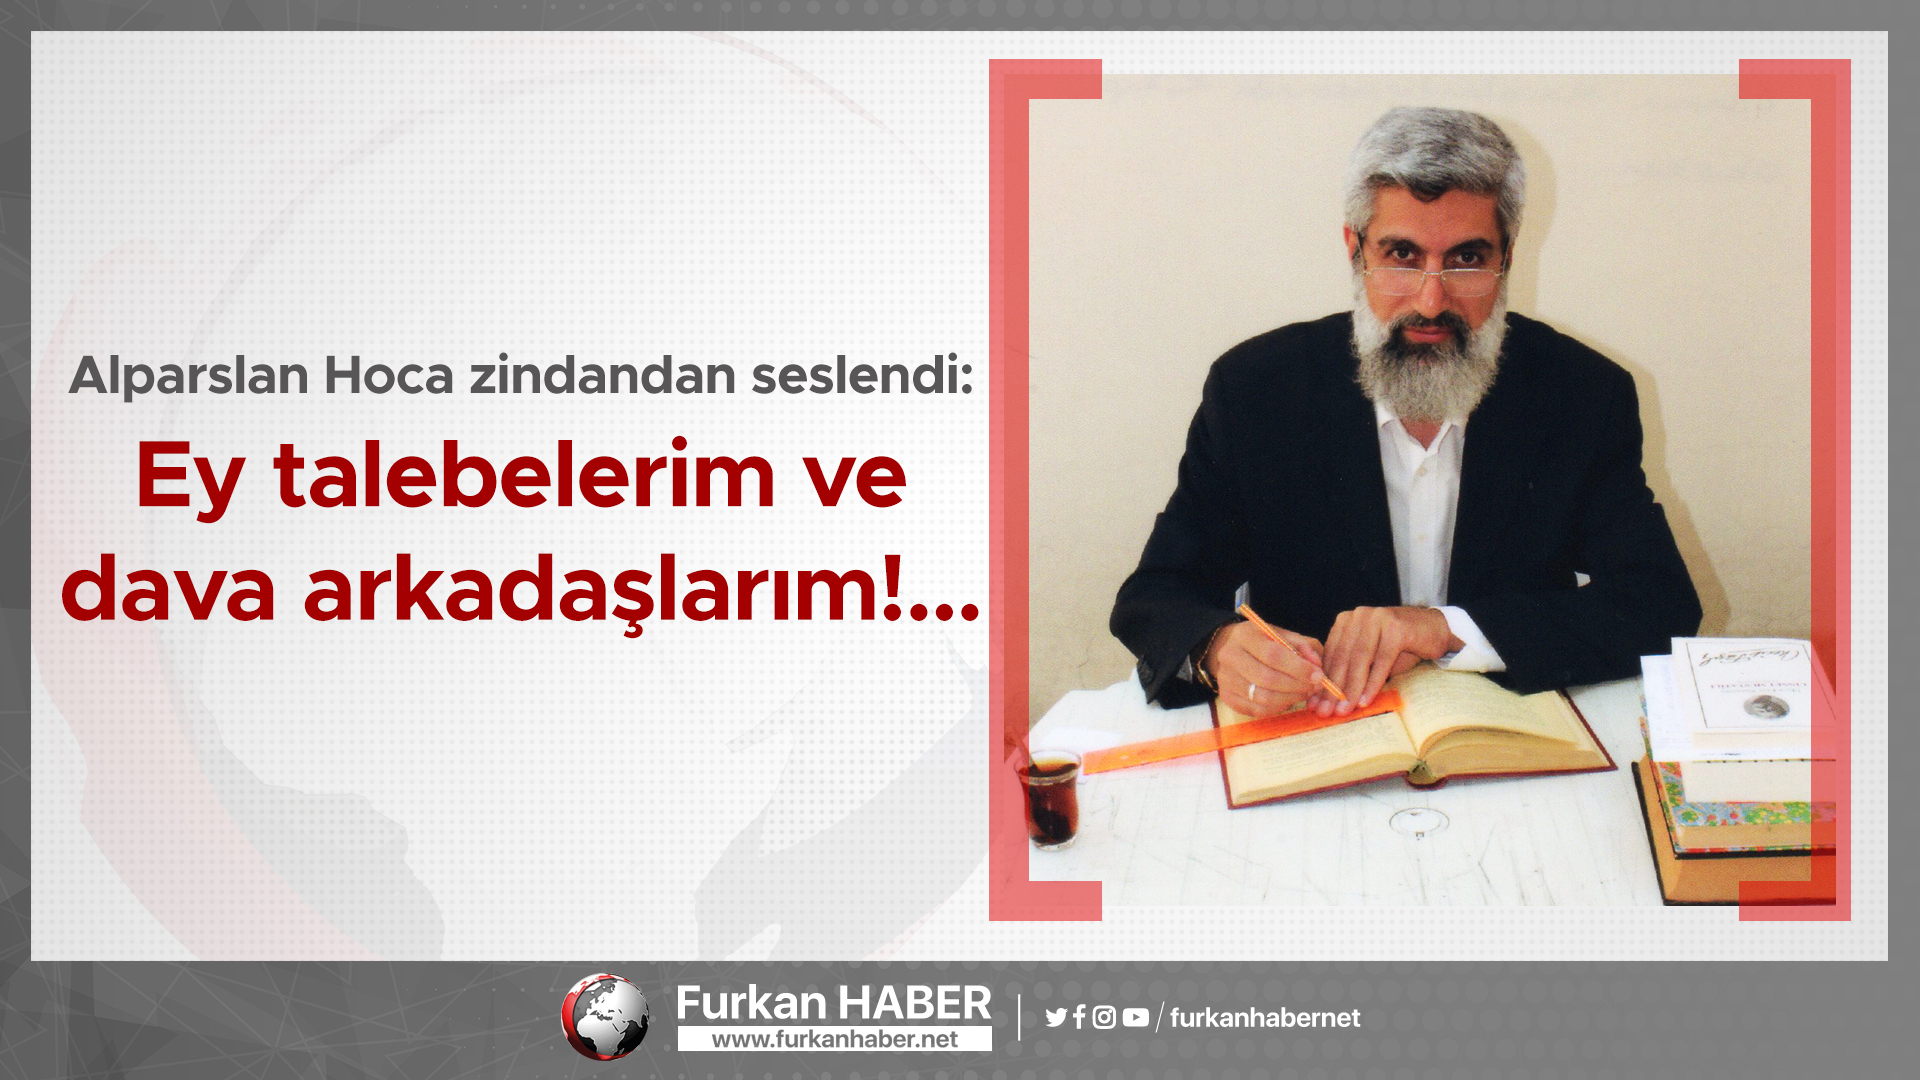 Alparslan Hoca zindandan seslendi: Ey talebelerim ve dava arkadaşlarım!...